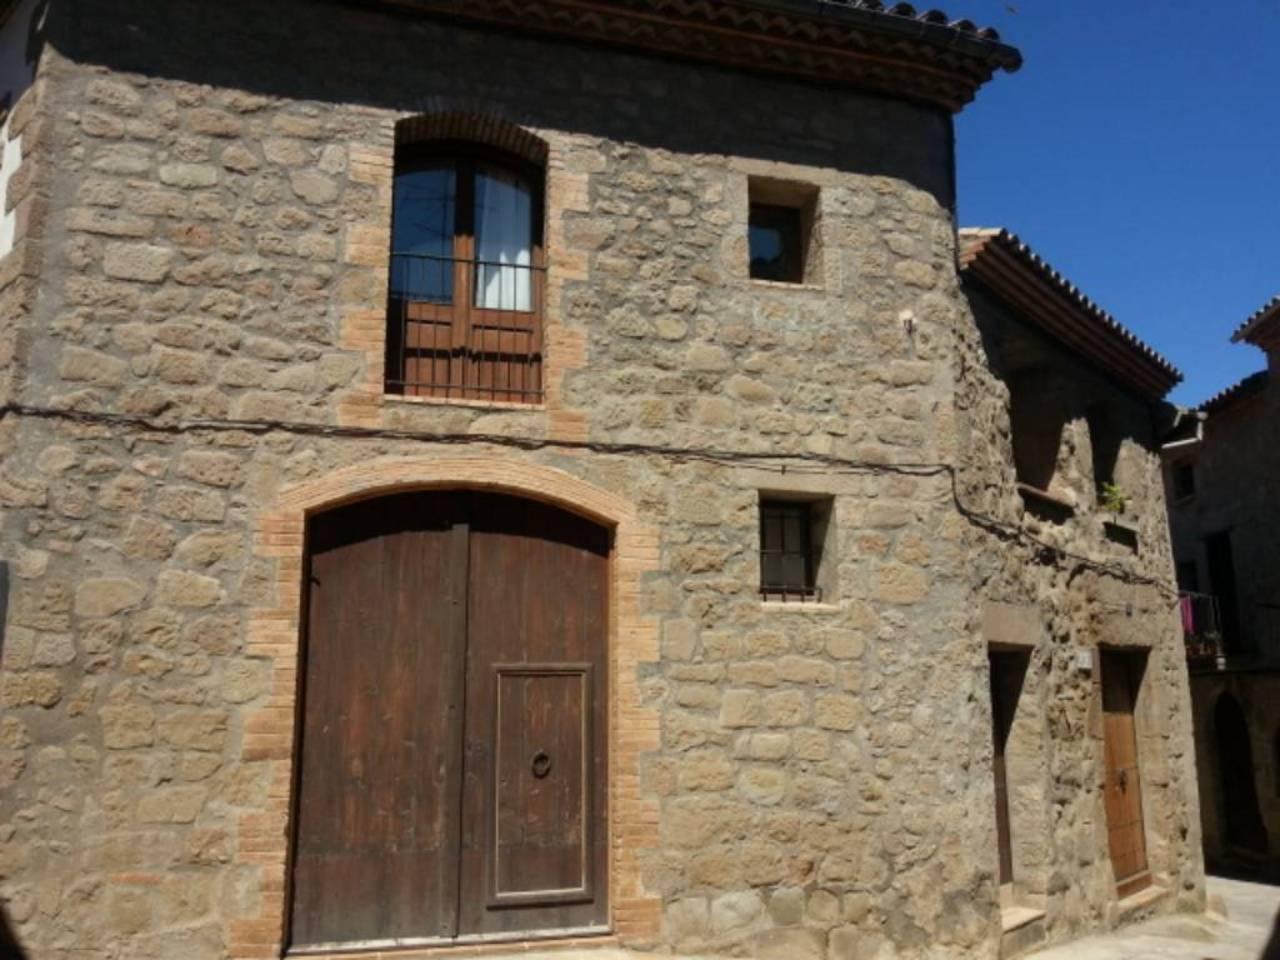 Affitto Casa  Poble. Casa de pueblo tipica catalana, esquinera y de tres plantas.viv